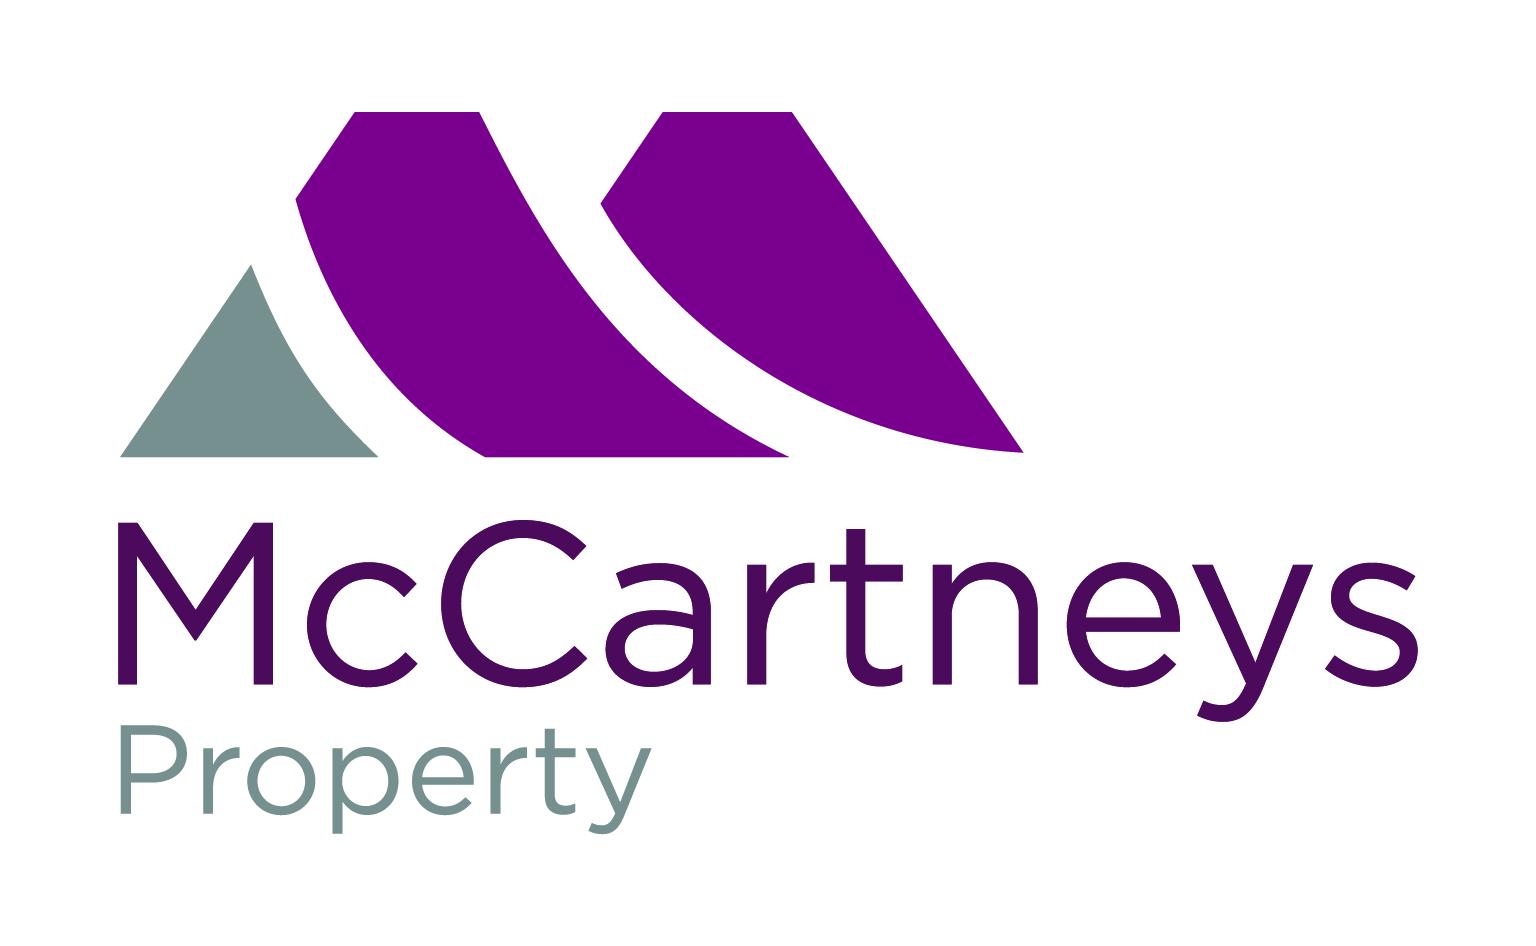 McCartneys